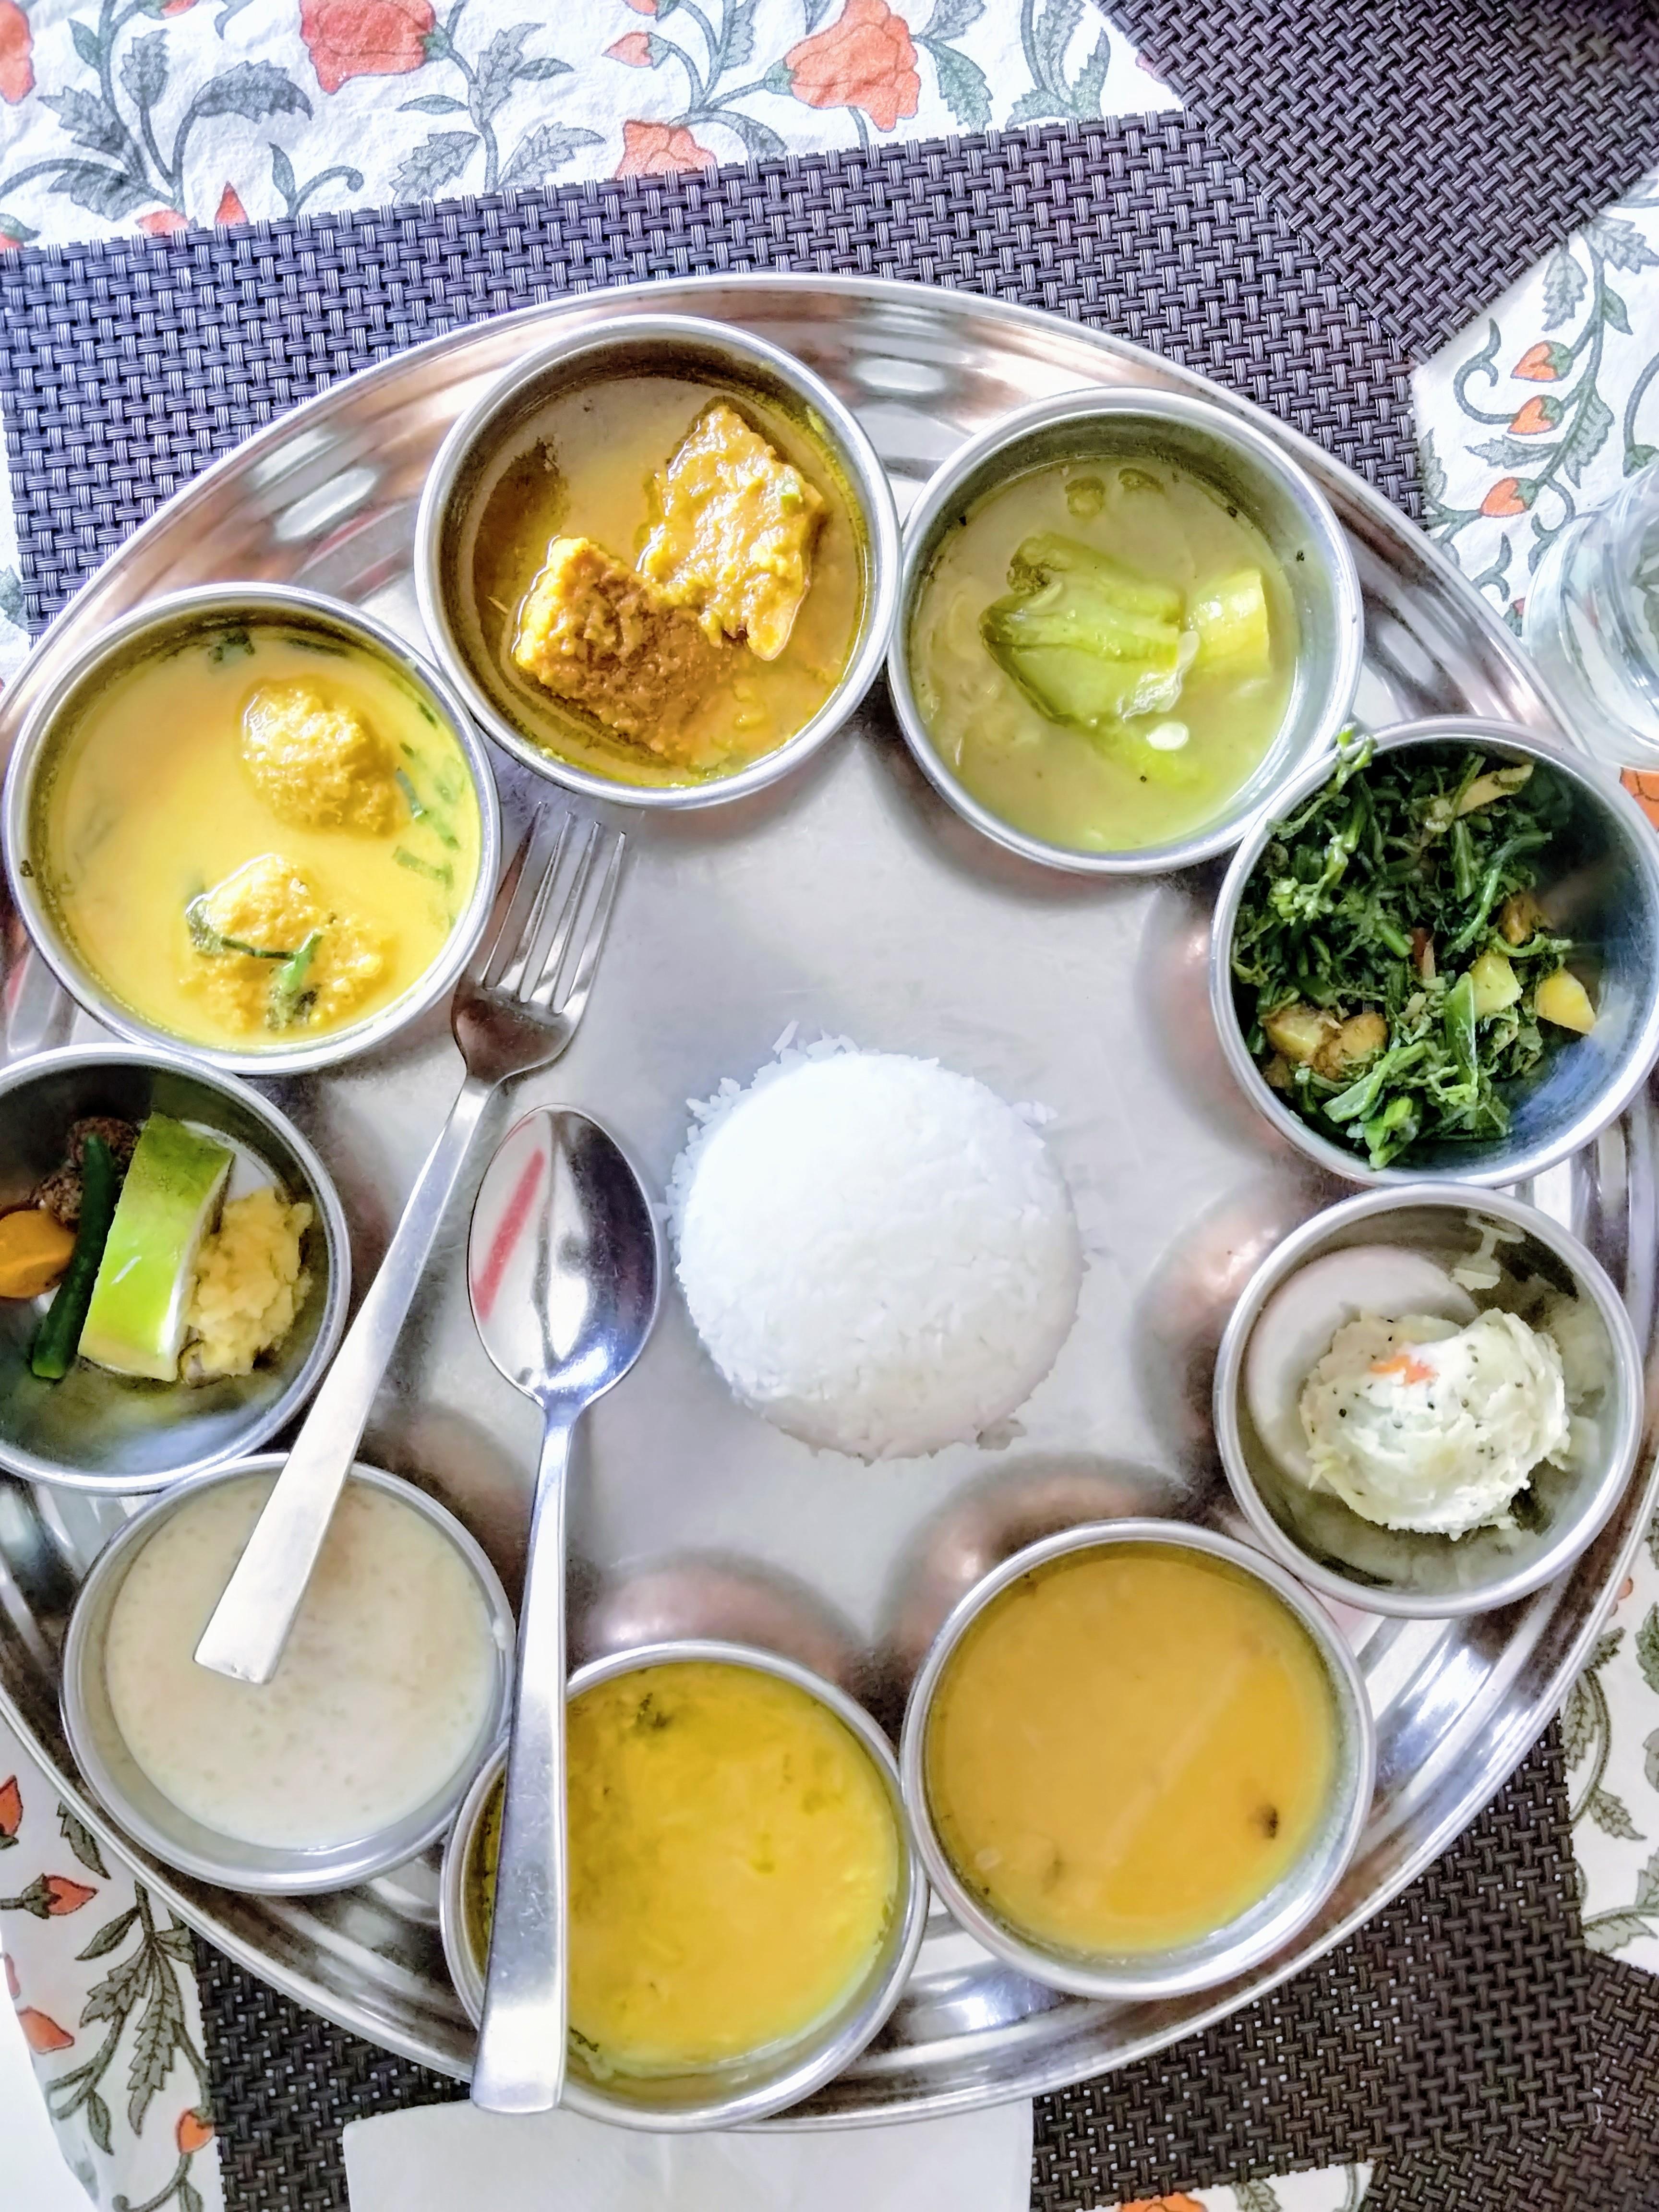 Assamese cuisine - Wikipedia